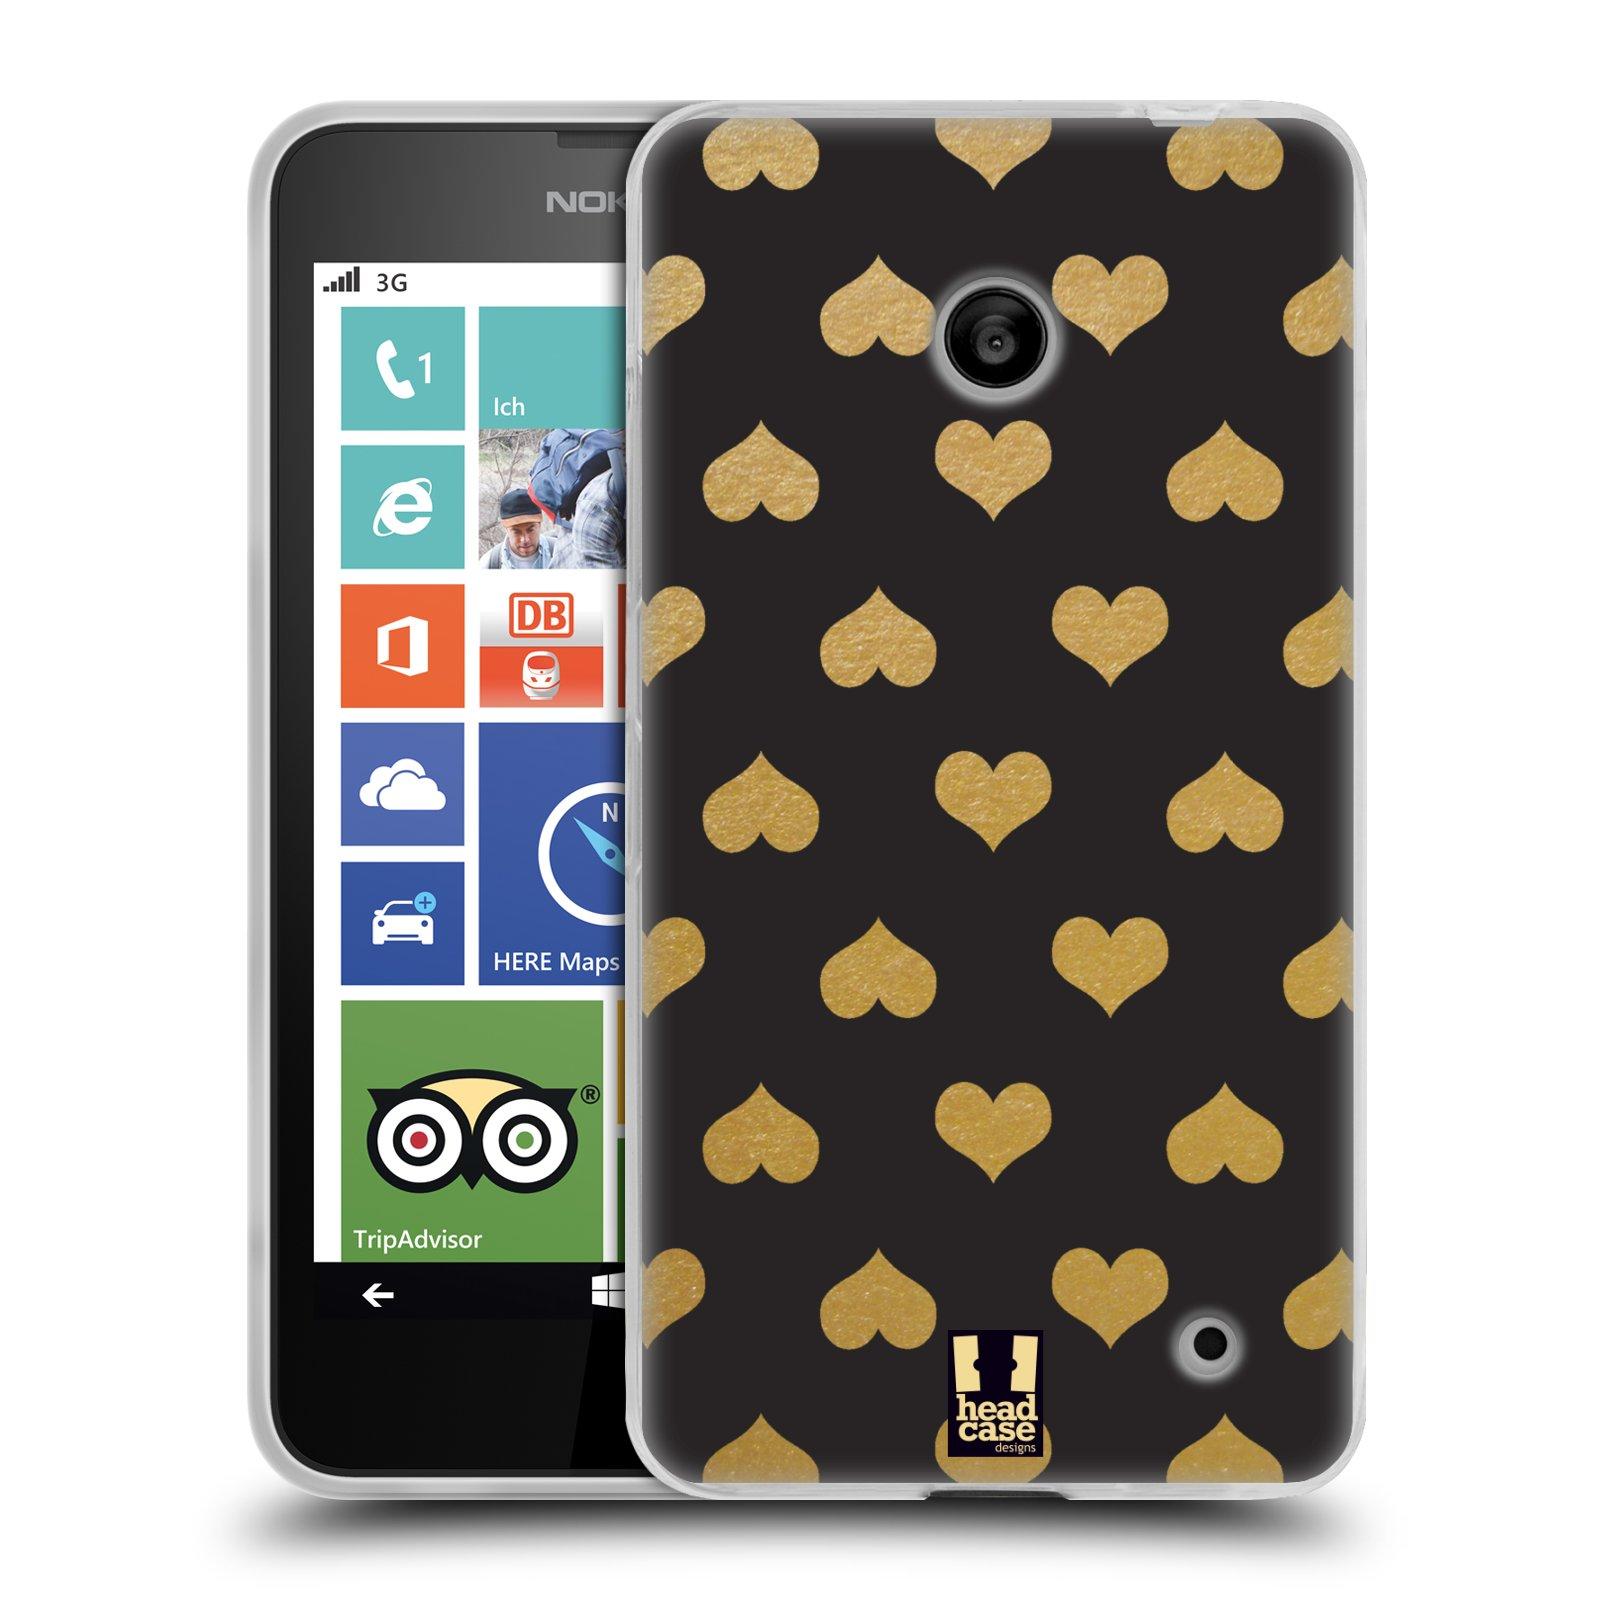 Silikonové pouzdro na mobil Nokia Lumia 630 HEAD CASE ZLATÁ SRDÍČKA (Silikonový kryt či obal na mobilní telefon Nokia Lumia 630 a Nokia Lumia 630 Dual SIM)